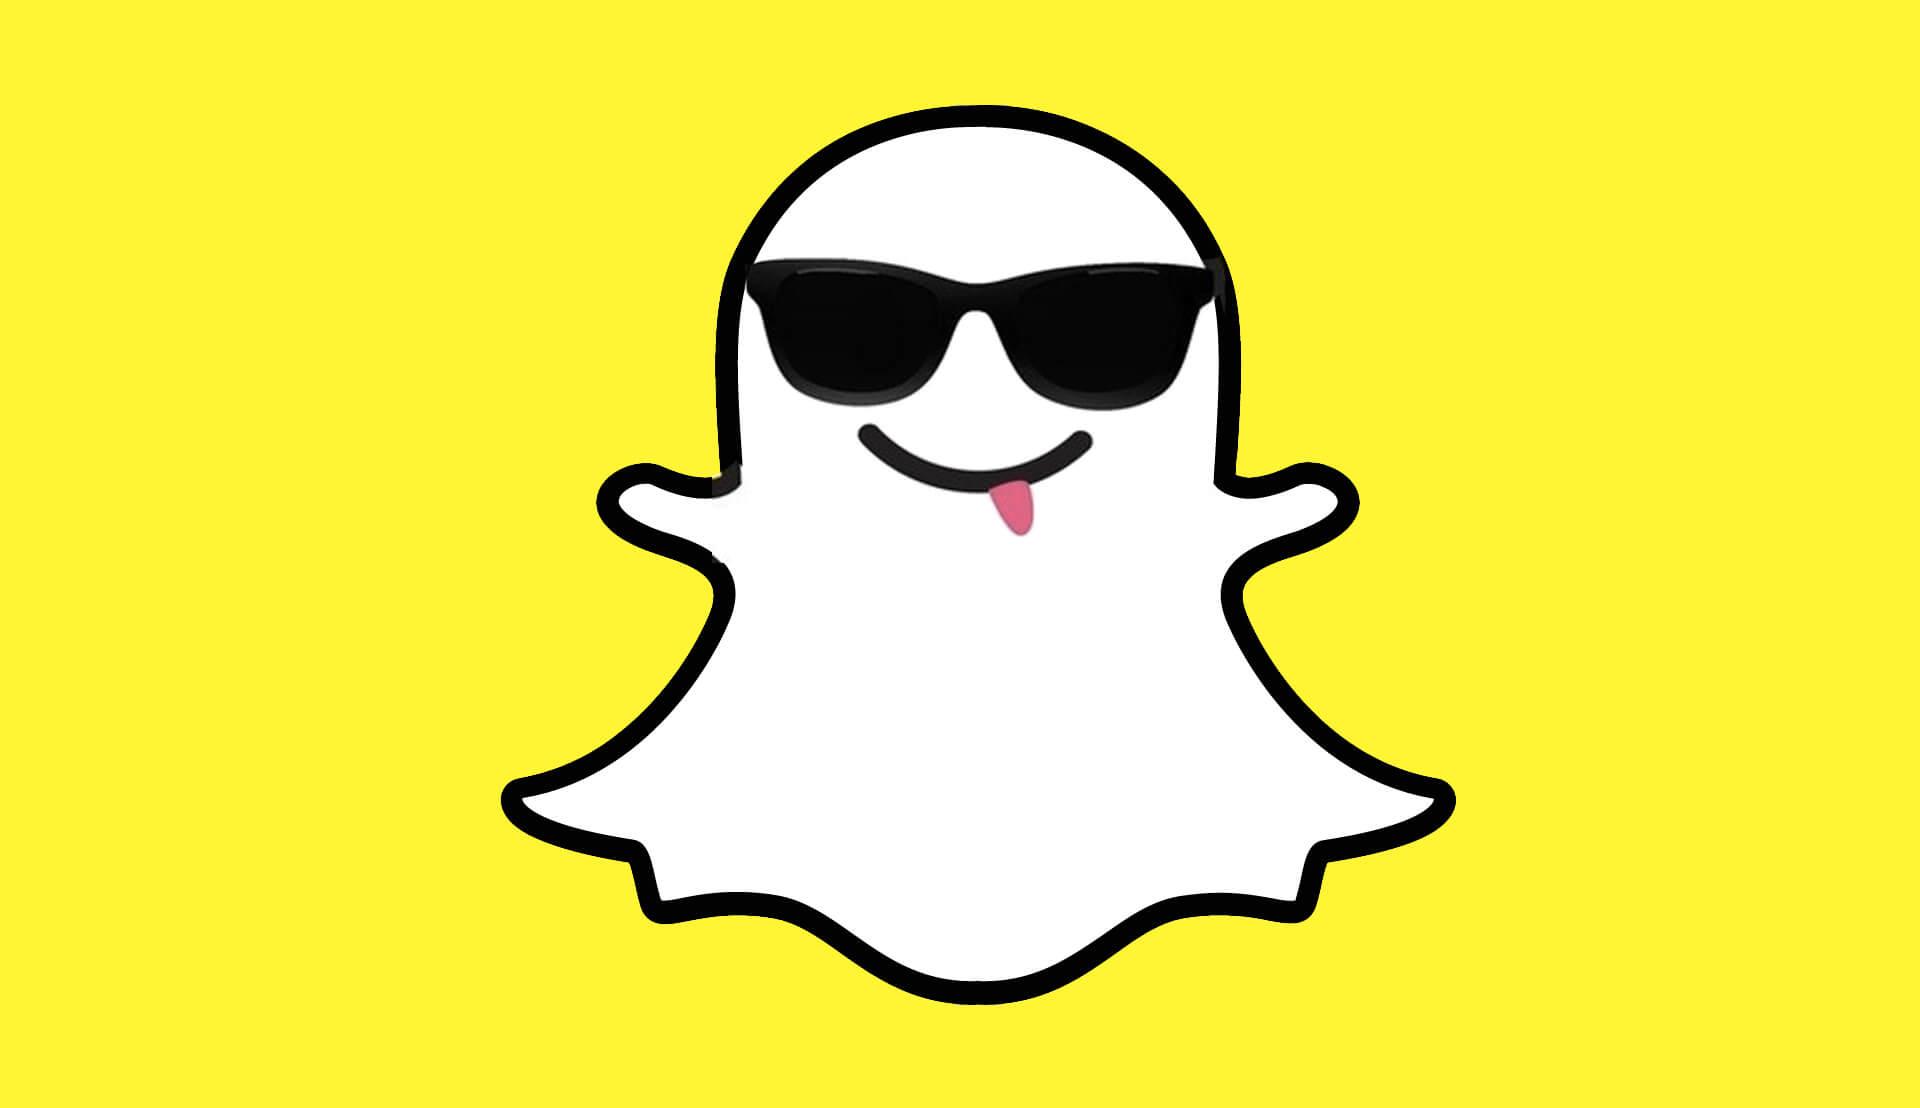 Snap chat là gì, quảng cáo, mạng xã hội, hiệu quả quảng cáo, ứng dụng Snap chat, hoạt động Snap chat, sử dụng Snap chat